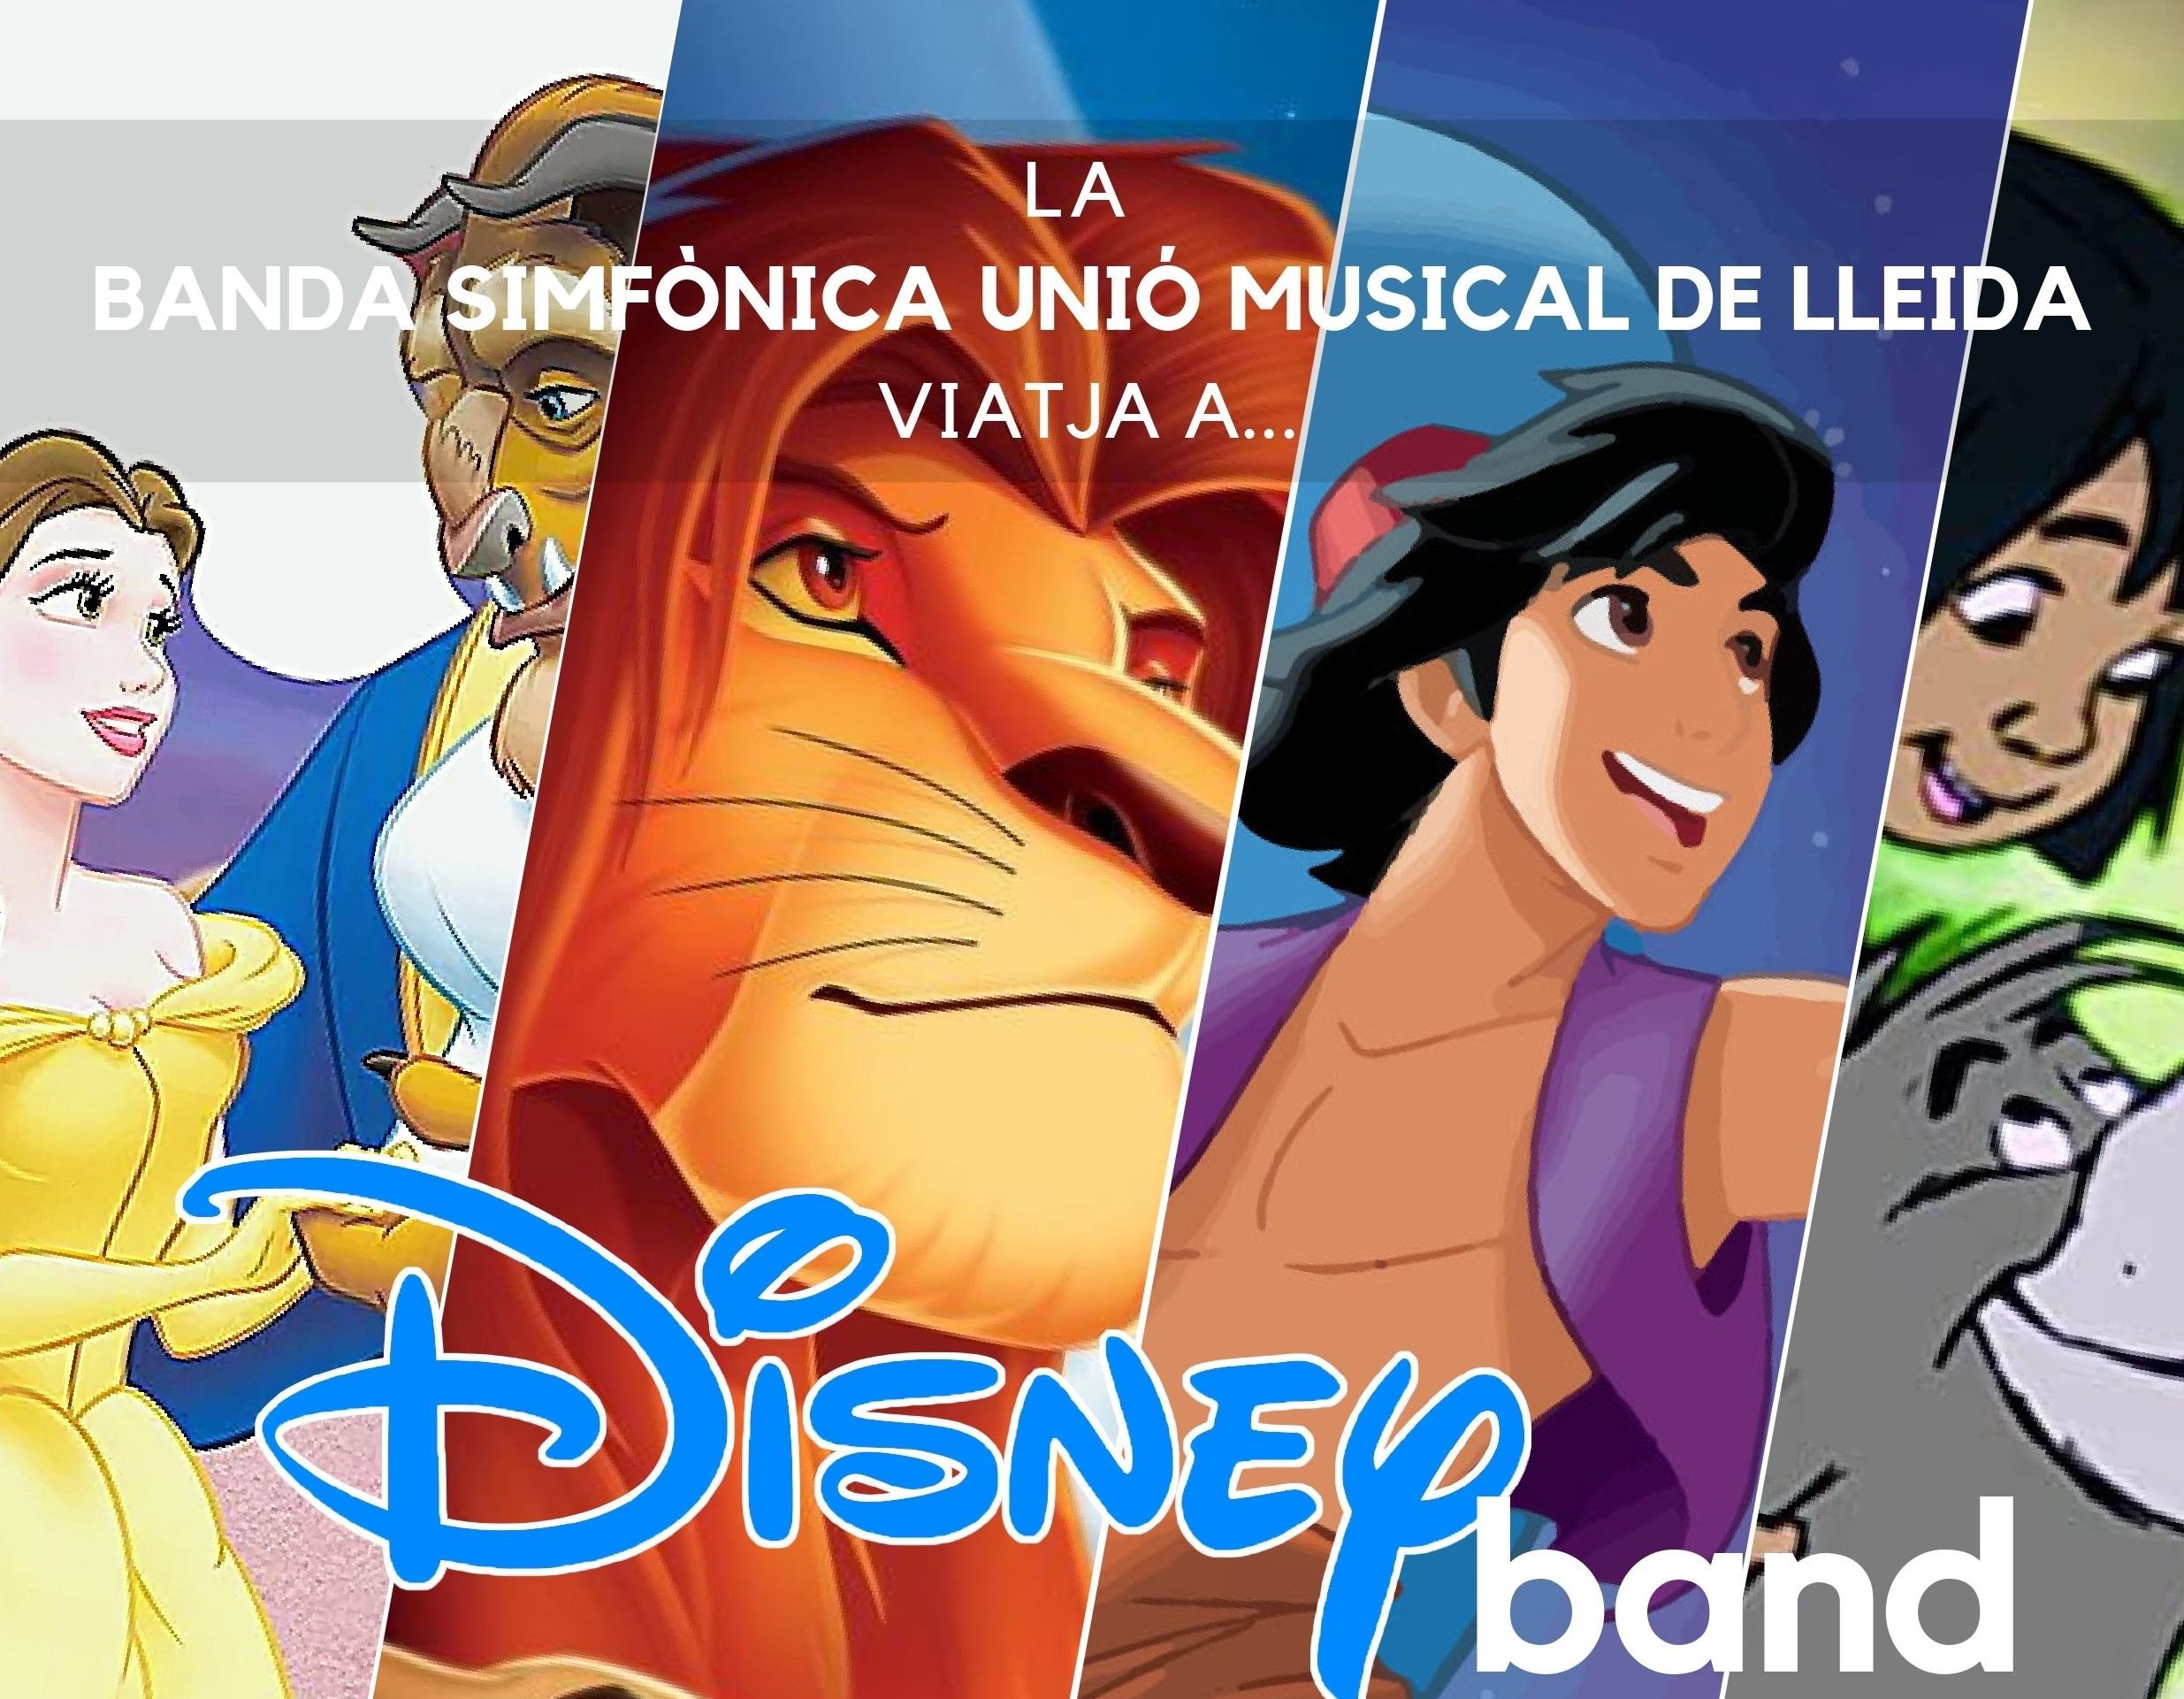 ENTRADAS AGOTADAS – DISNEYBAND. BANDA SIMFÒNICA UNIÓ MUSICAL DE LLEIDA